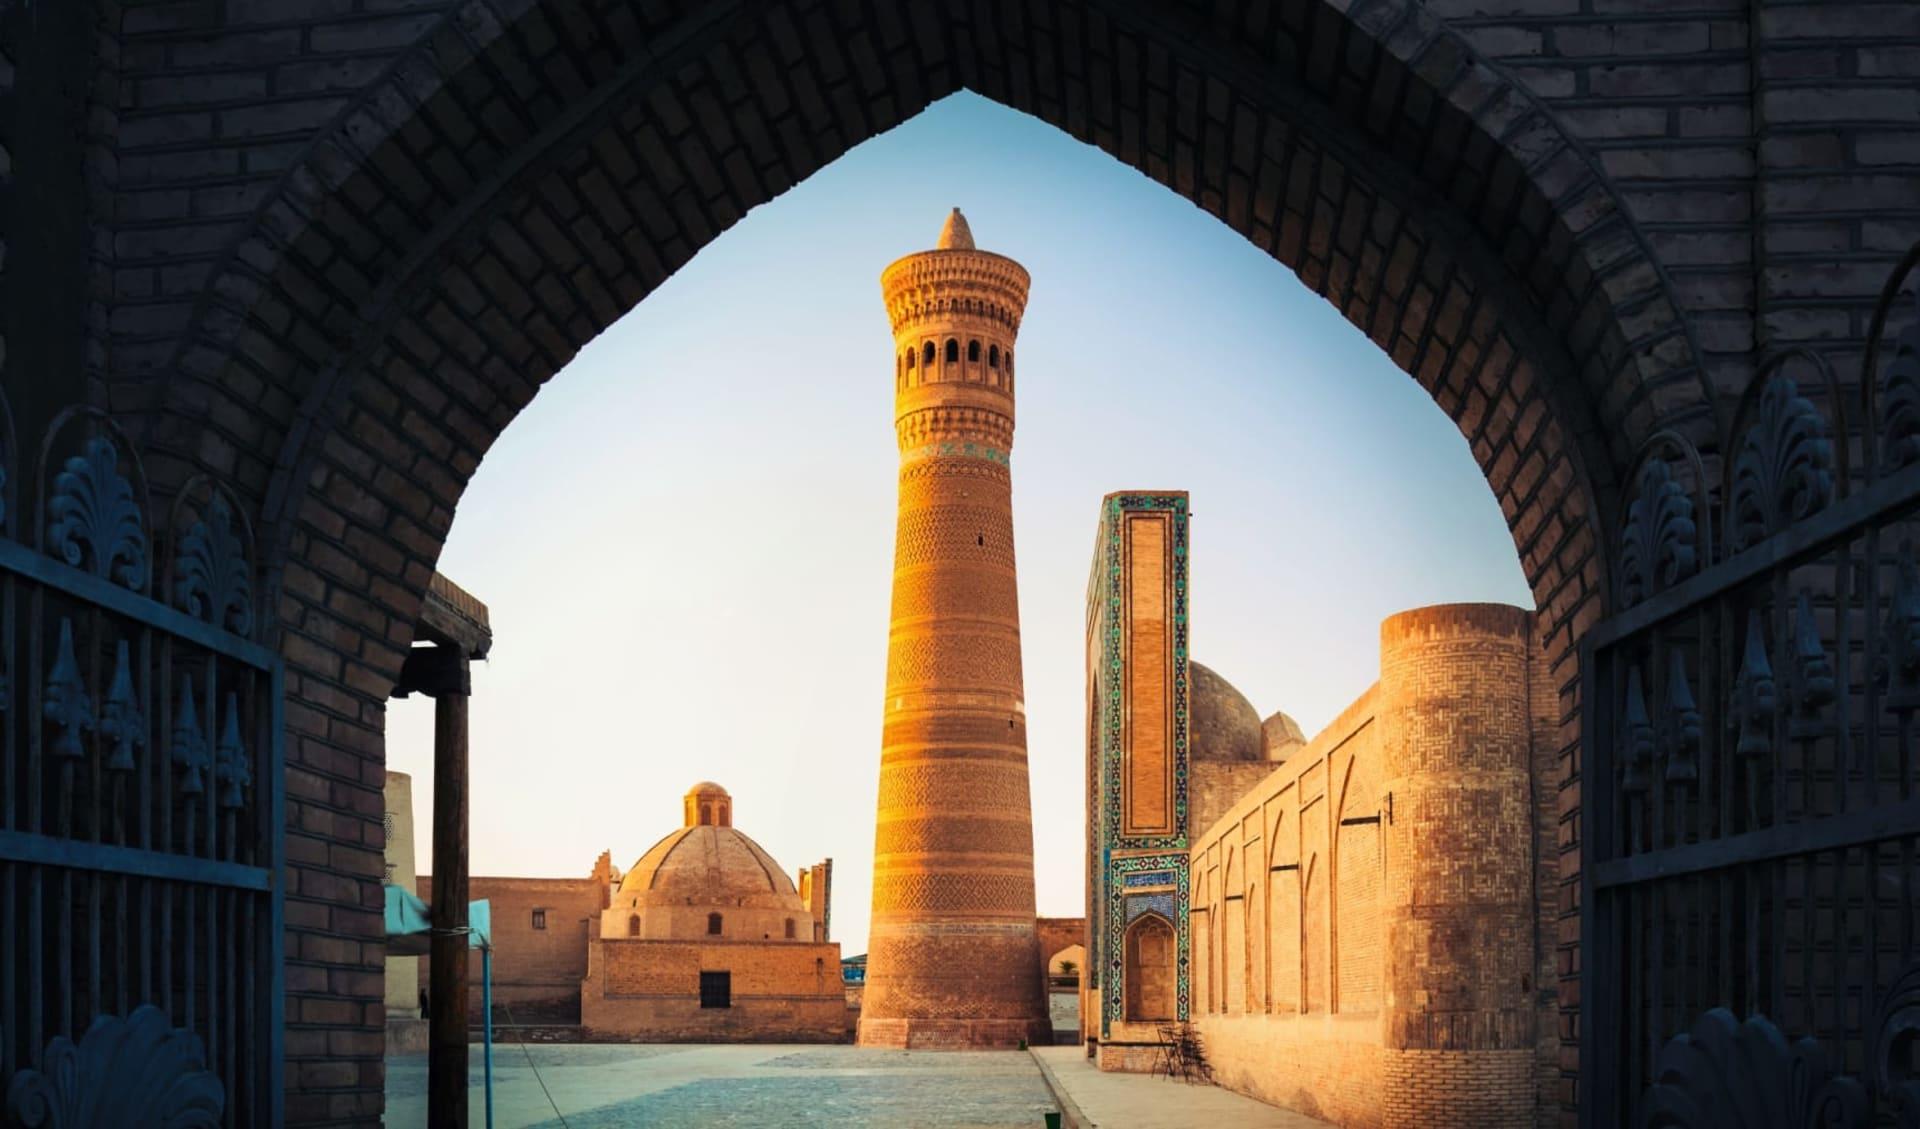 Legenden der Seidenstrasse ab Taschkent: Usbekistan_Buchara_Kalon_Minarett_Moschee_shutterstock_524042716_DudarevMikhail